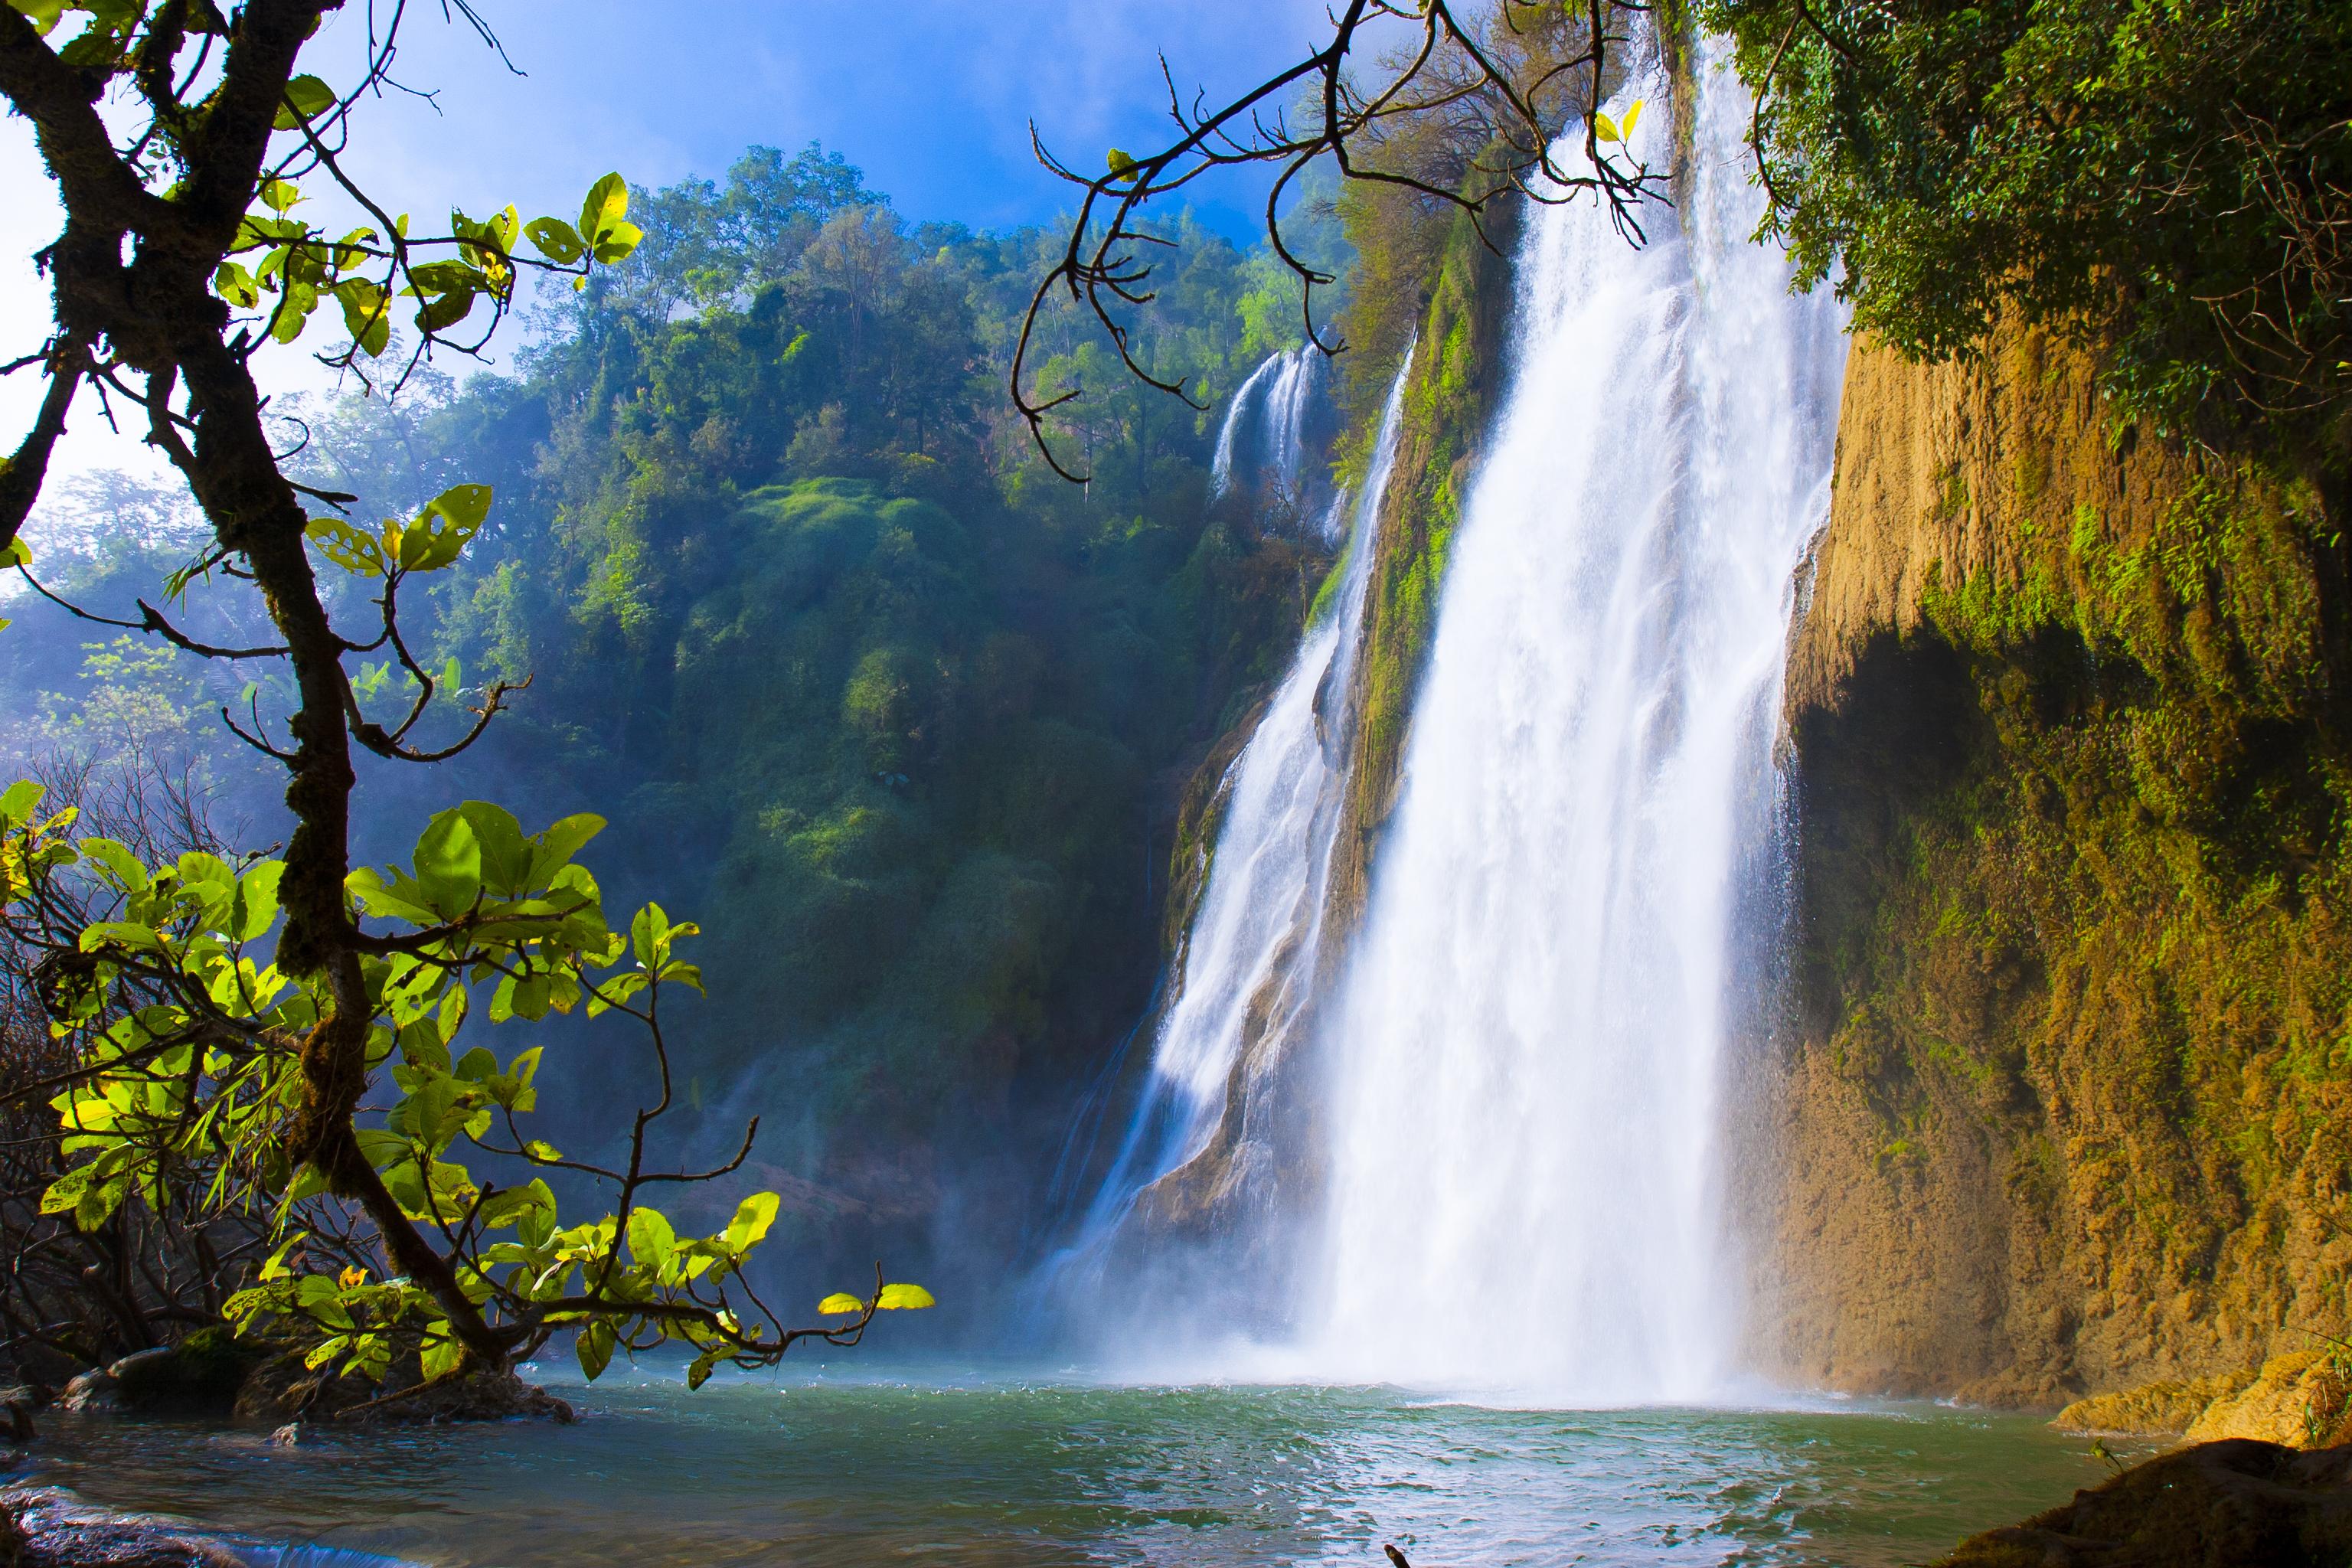 File:Beautiful Waterfall.jpg